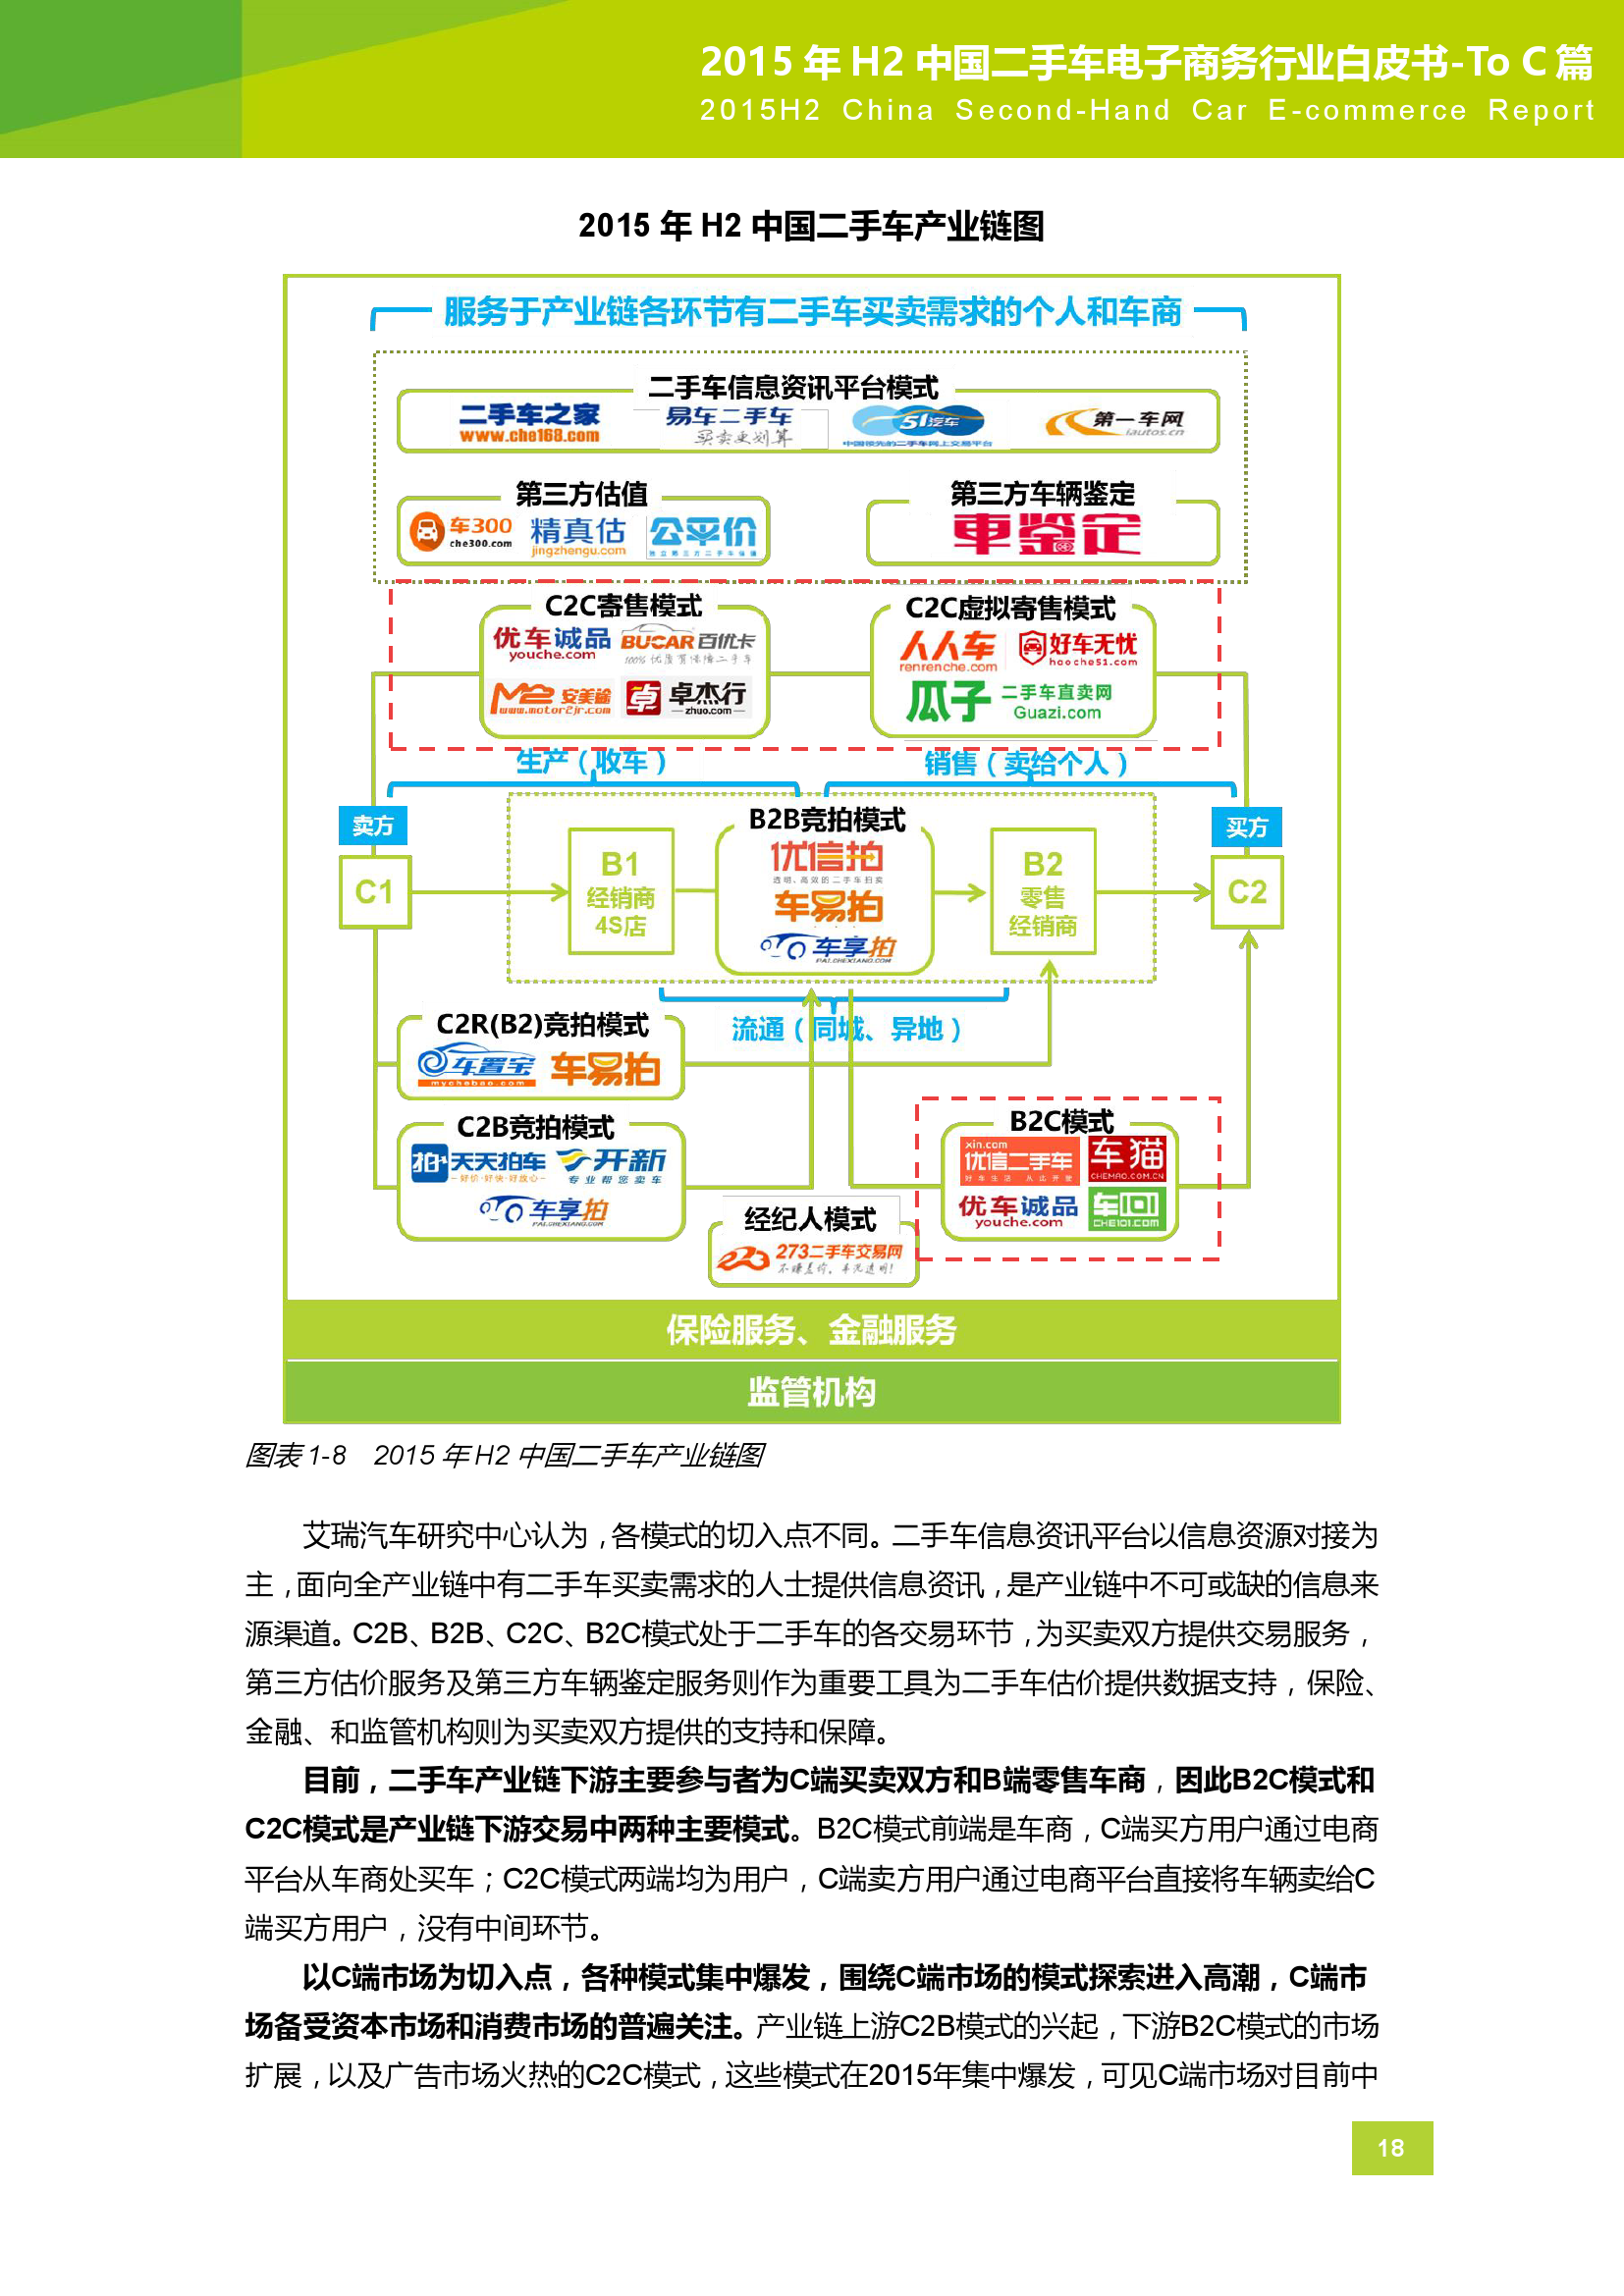 2015年H2中国二手车电子商务行业白皮书_000018